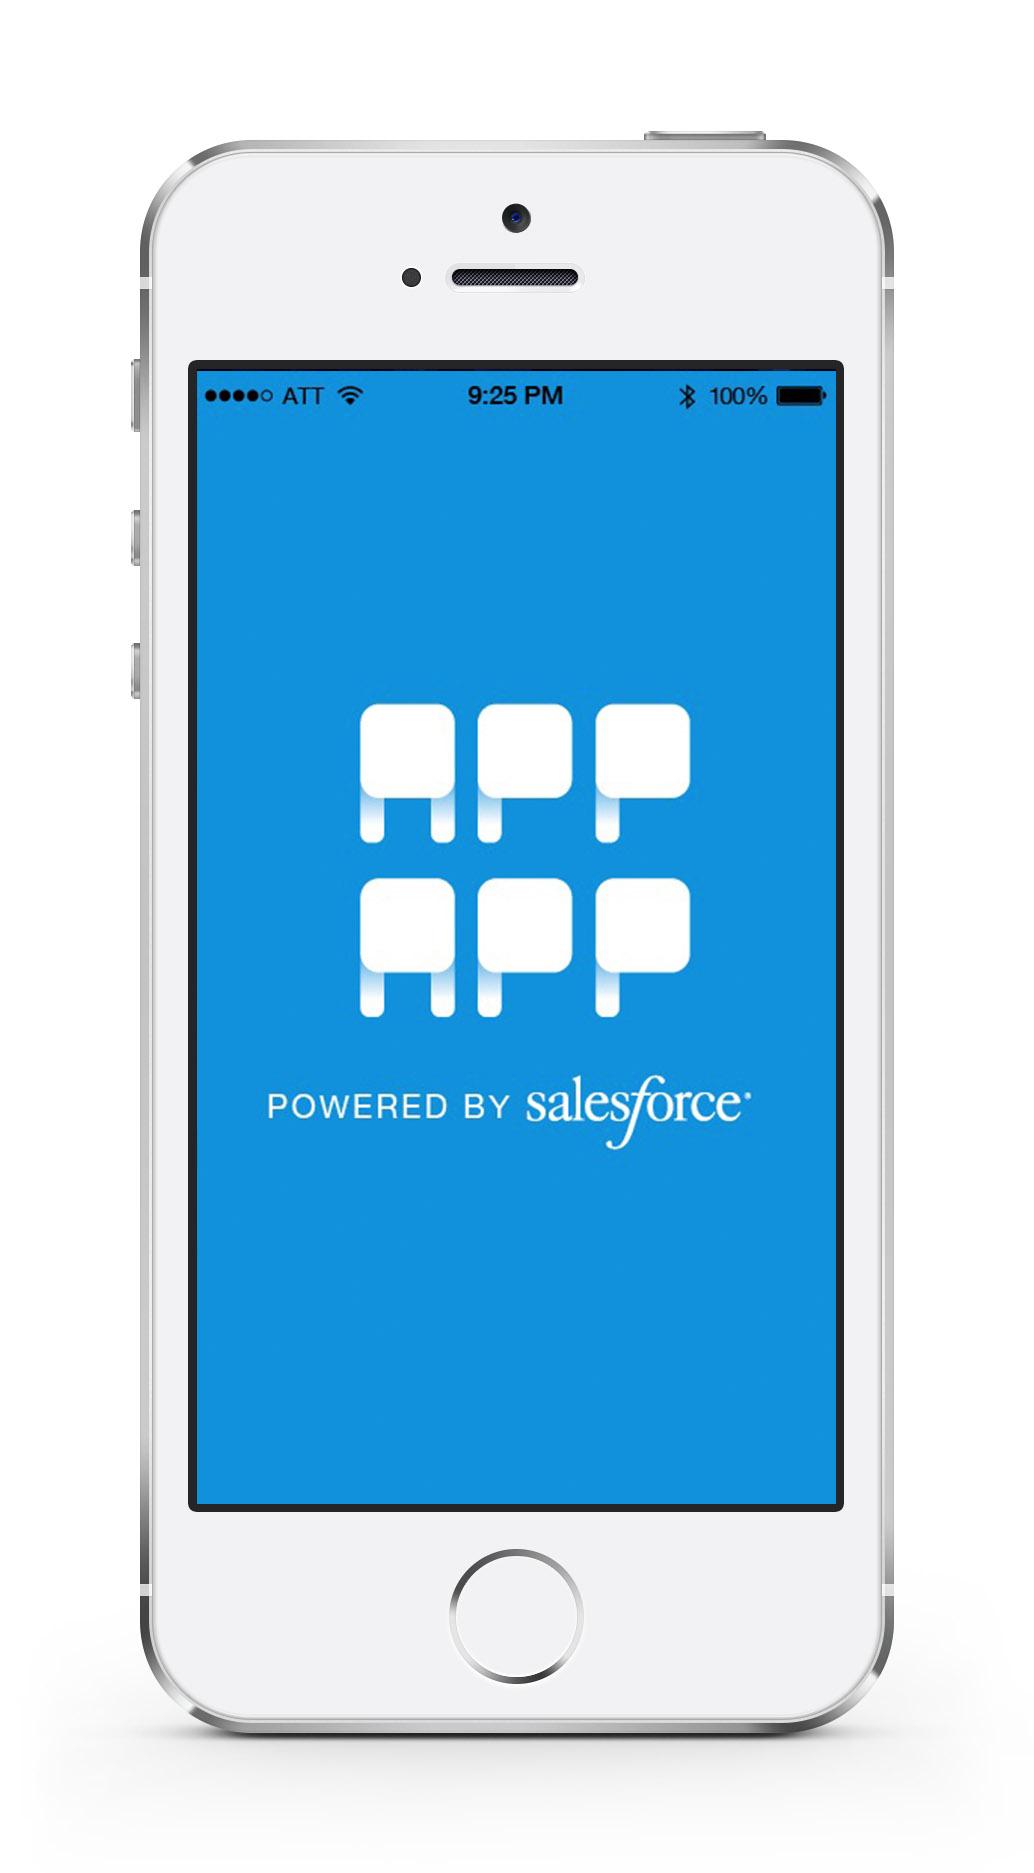 iPhone AppApp loading.jpg